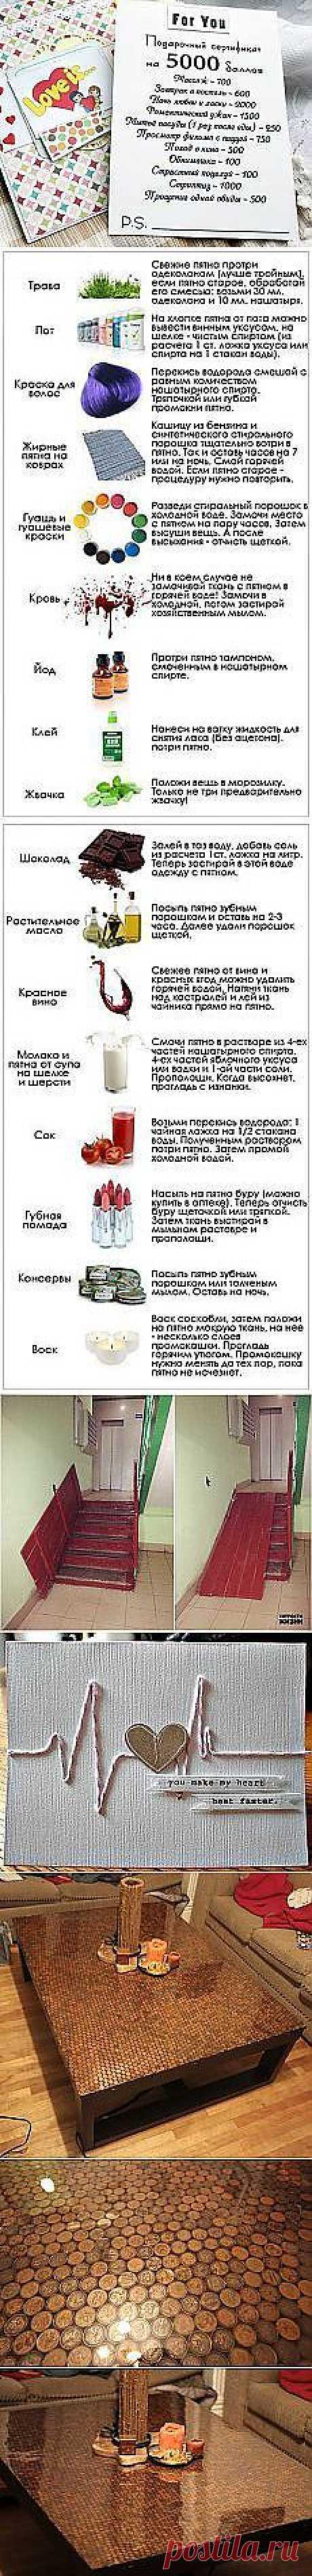 Лара Кузьмина: Глаза боятся, руки делают   Постила.ru